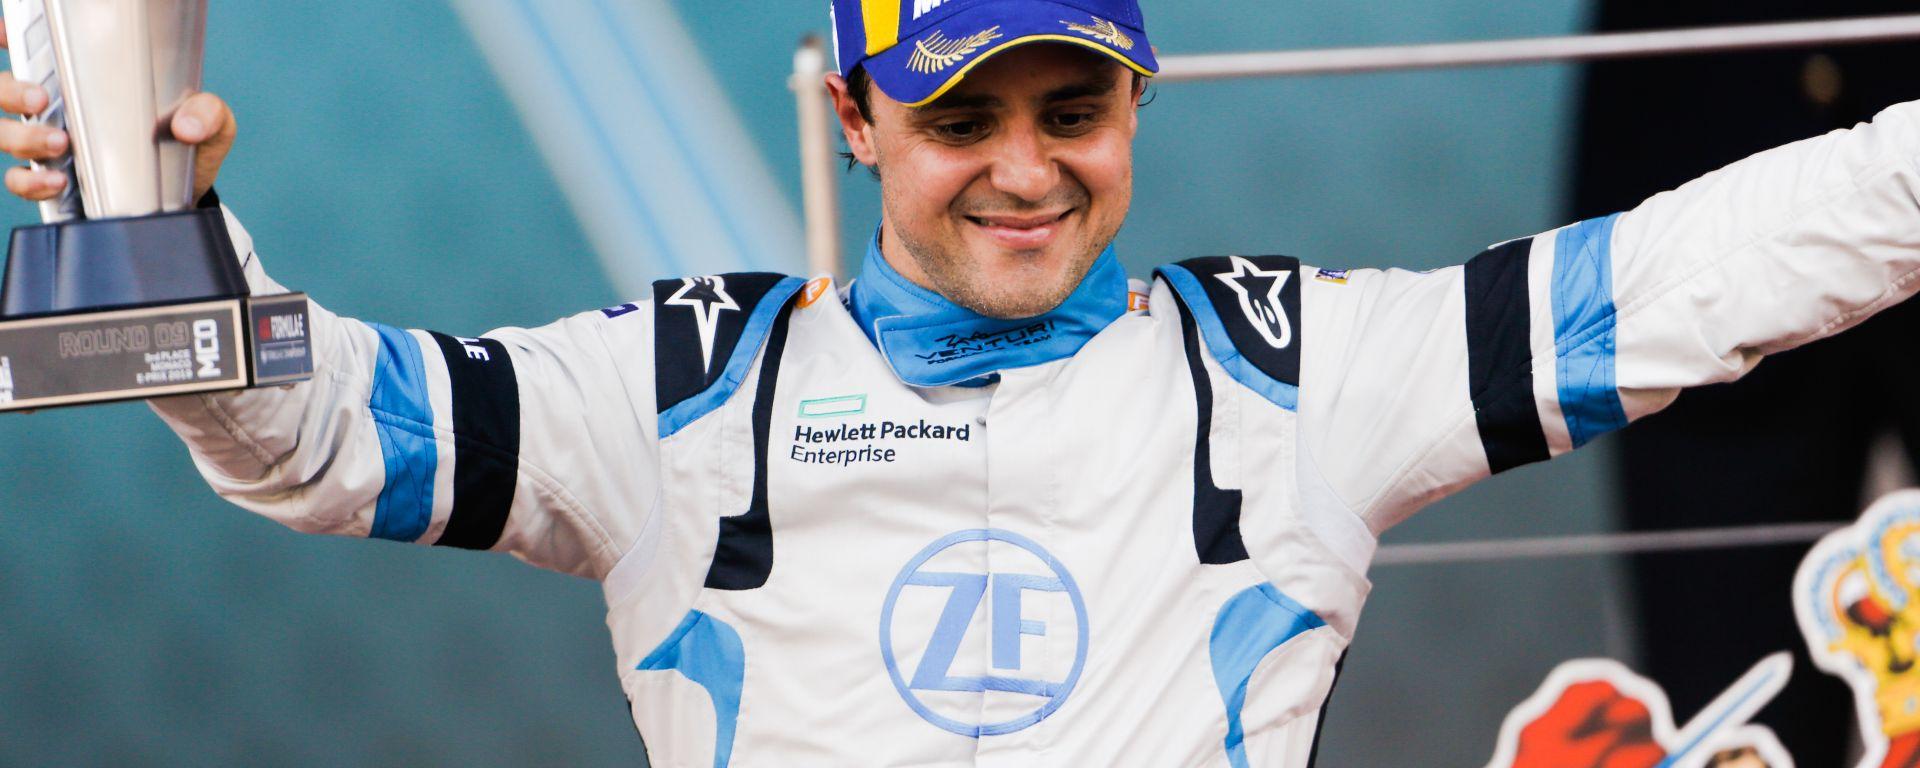 Felipe Massa esulta sul podio dell'ePrix di Monaco